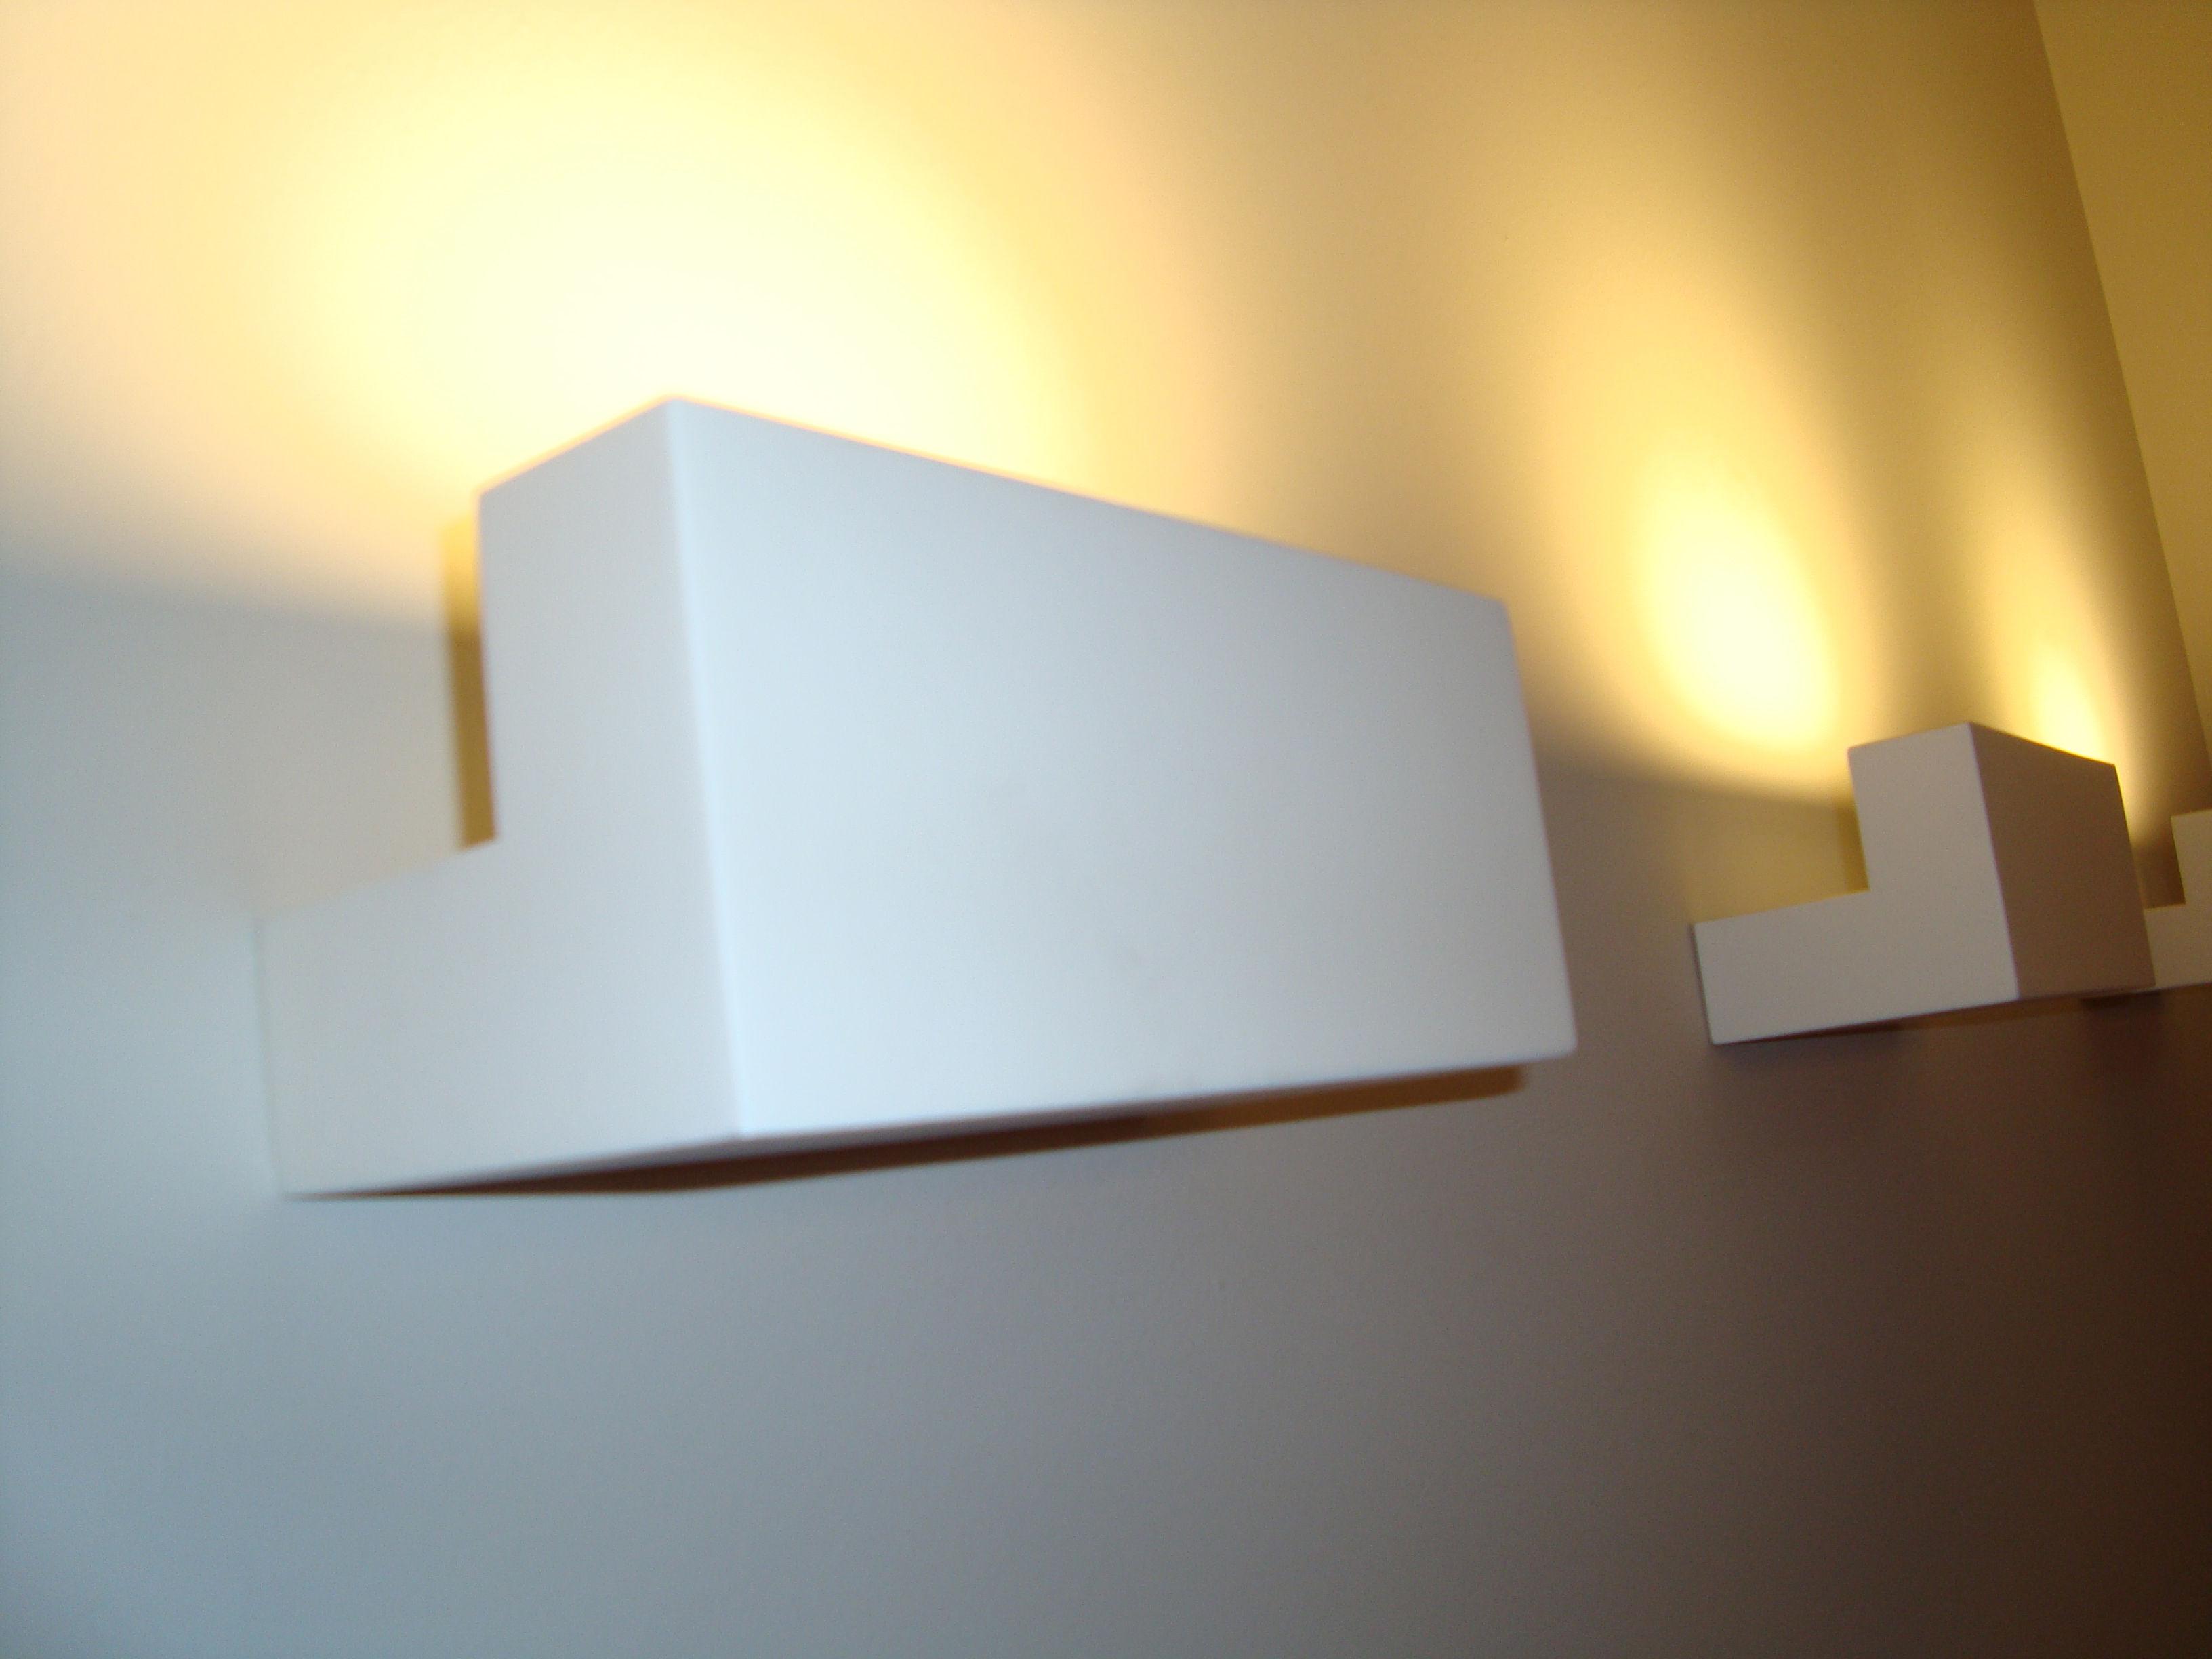 Applique led di design: mignonne spot led salle de bain dans lampe